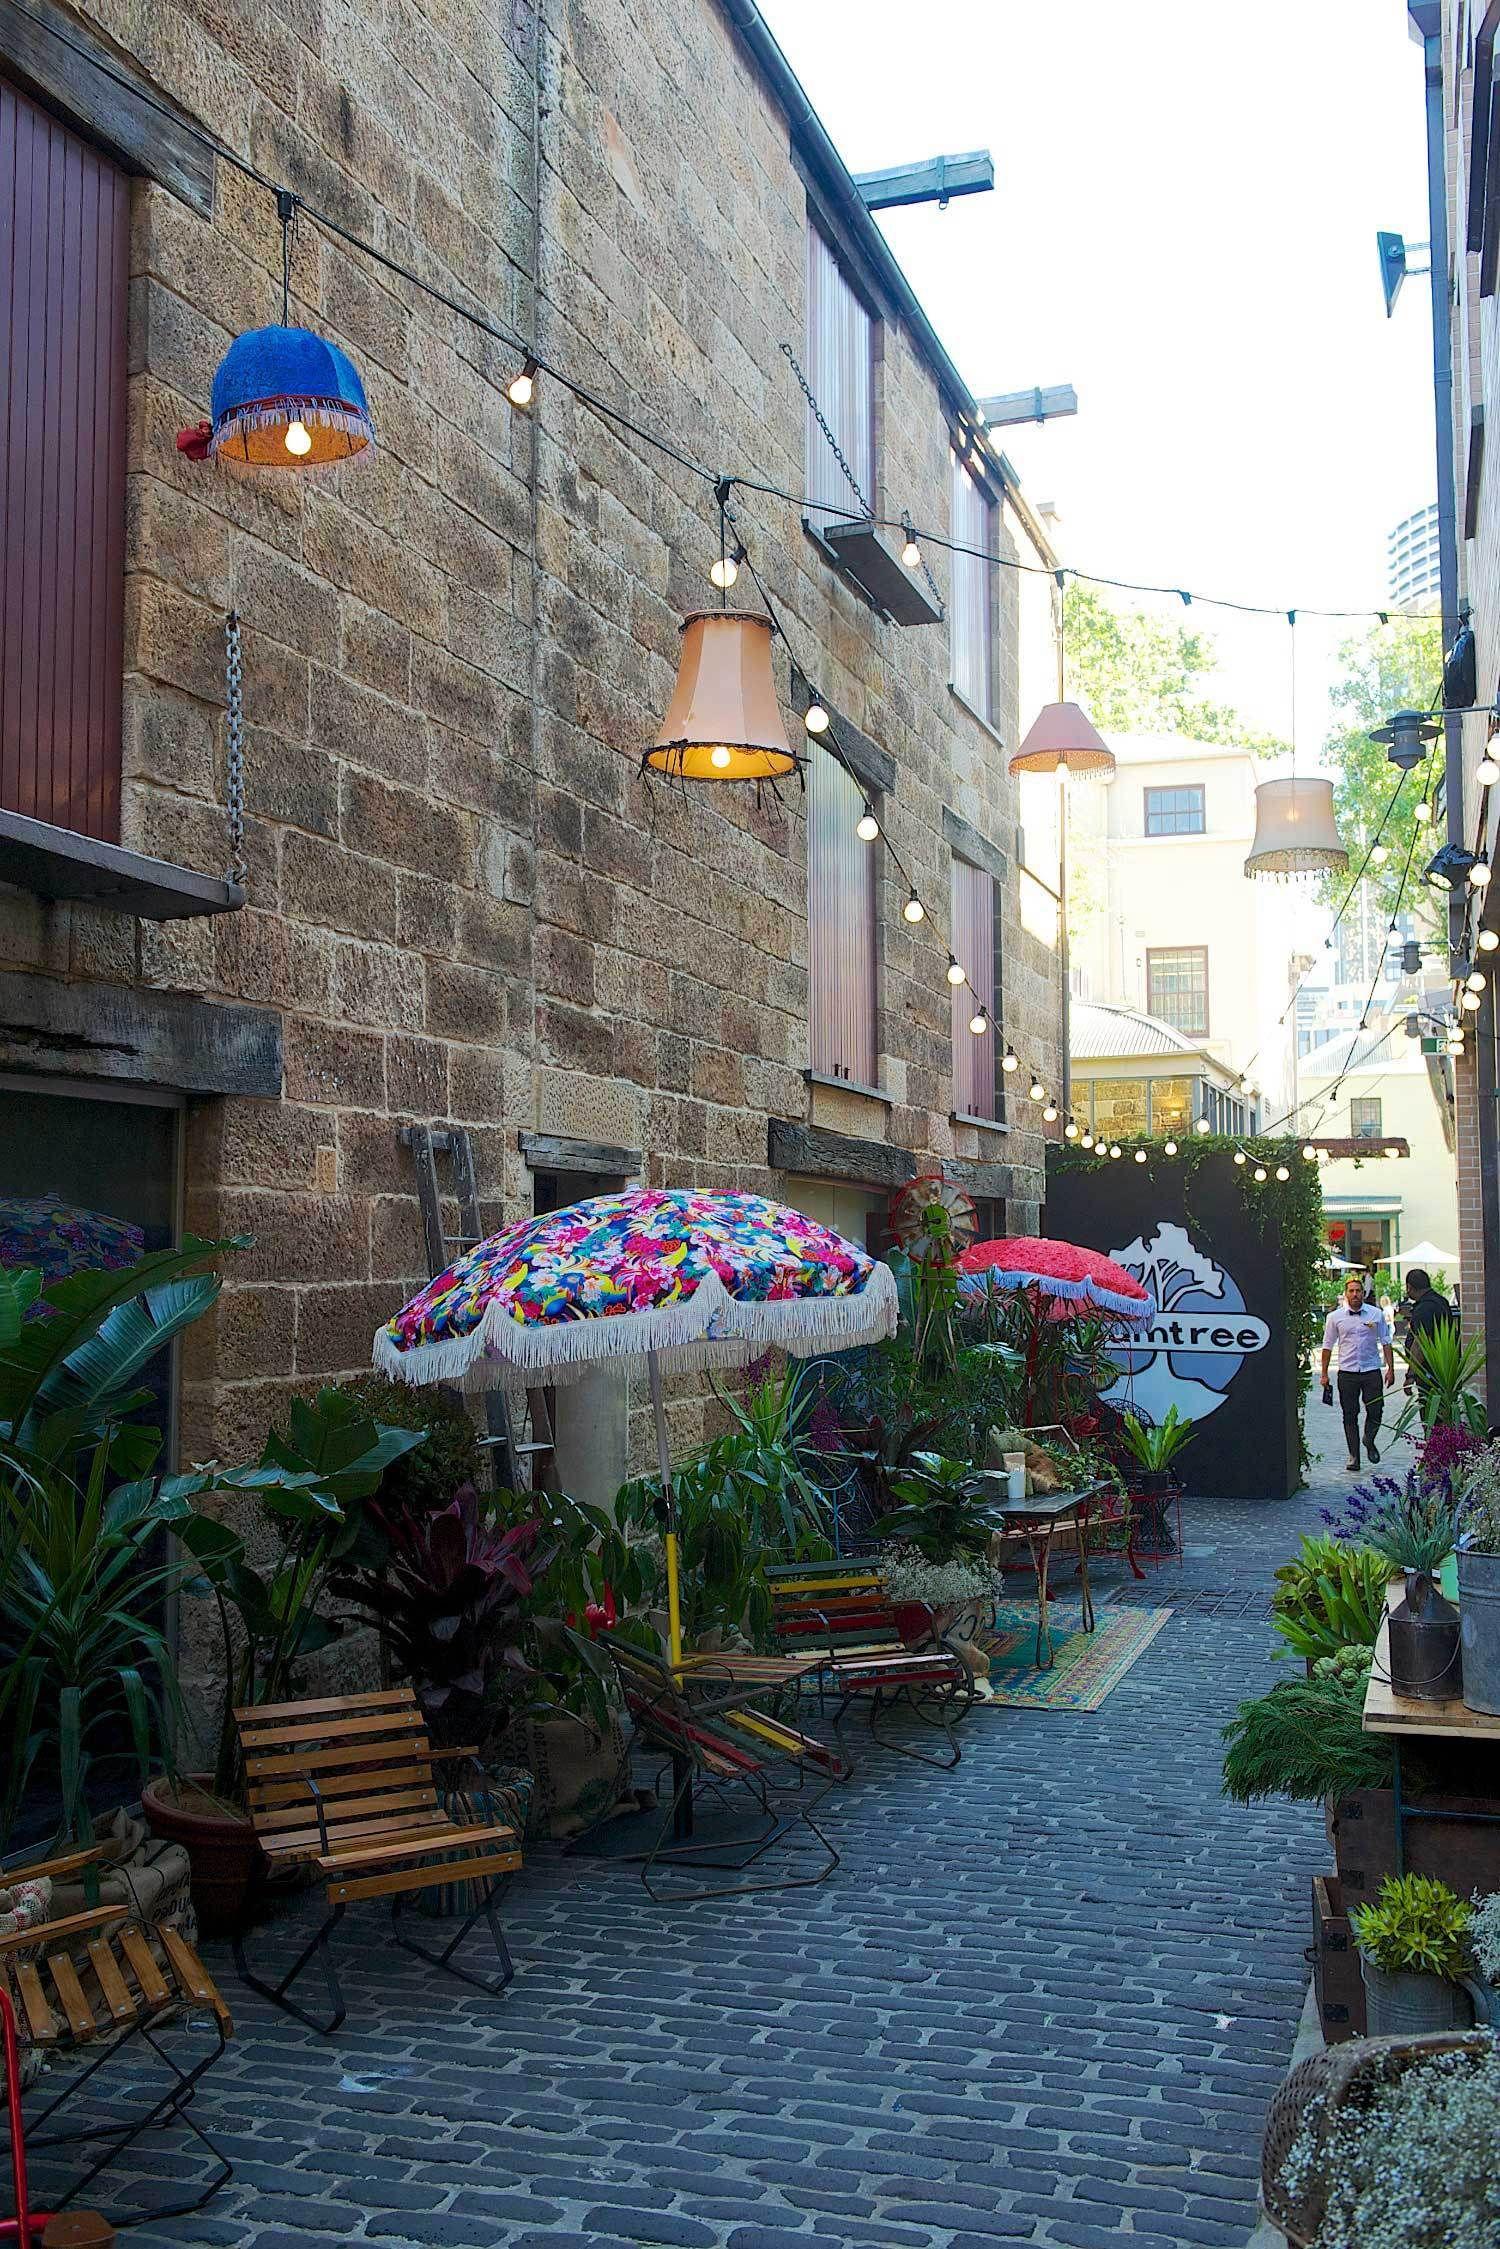 Gumtree Garden Pop Up Bar By Yellowtrace Pop Up Bar Pop Up Cafe Pop Up